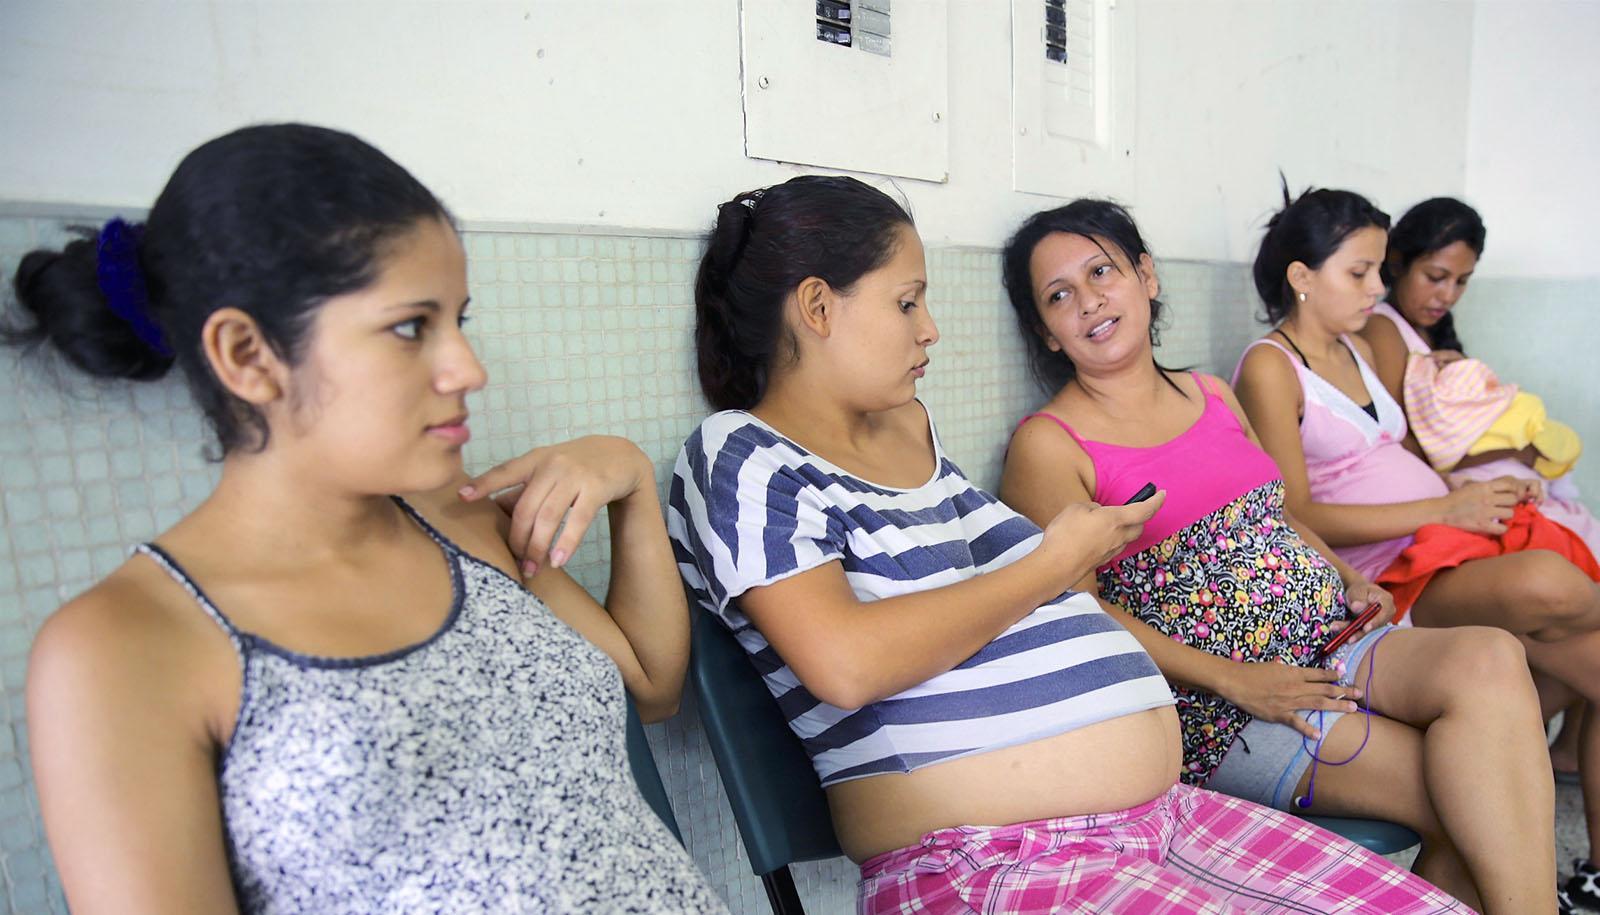 Новая методика моделирования предсказала миллион случаев лихорадки Зика у беременных